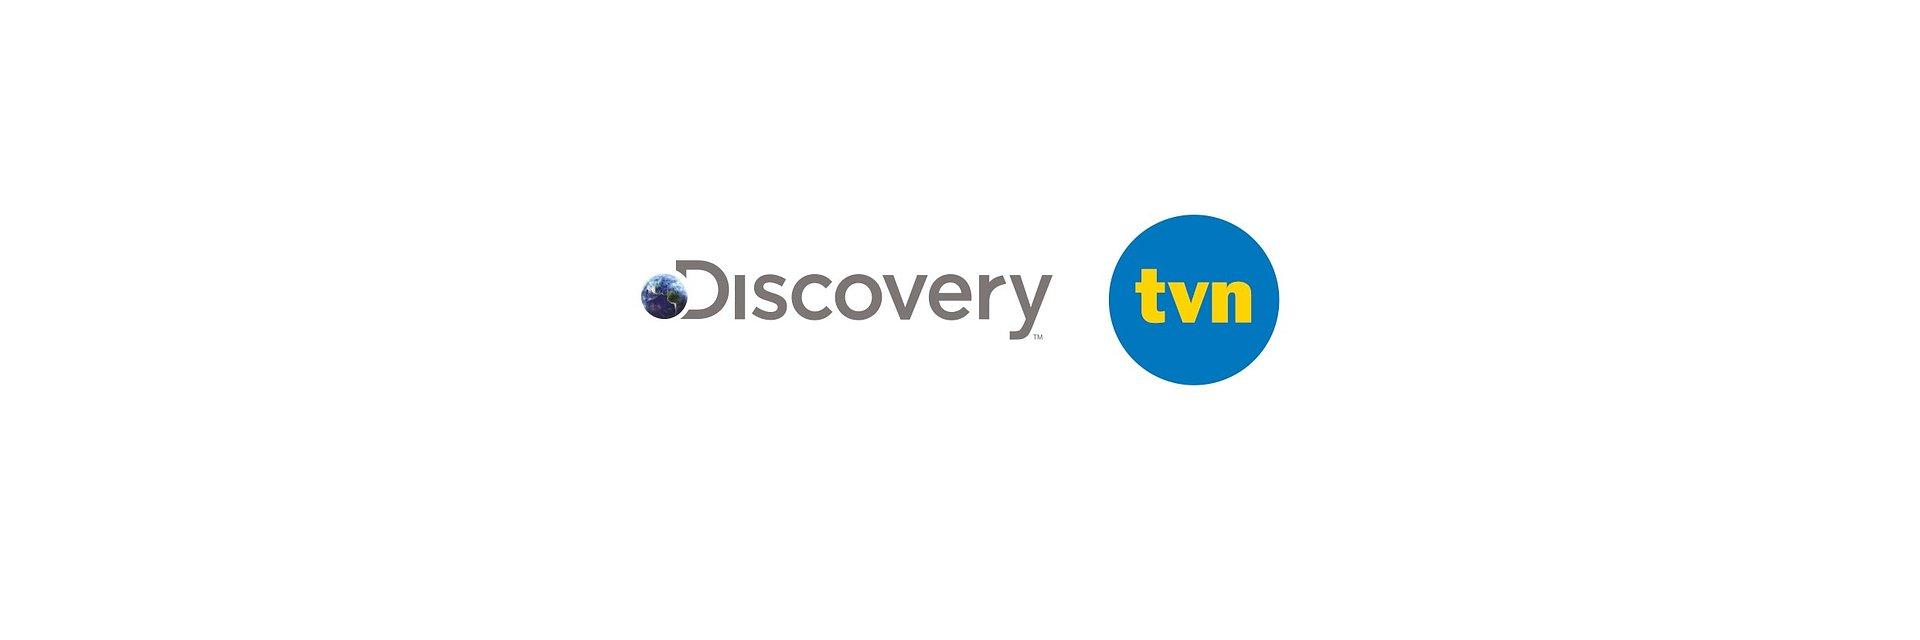 Telewizja w czasie pandemii. TVN Discovery Polska pierwszym wyborem widzów